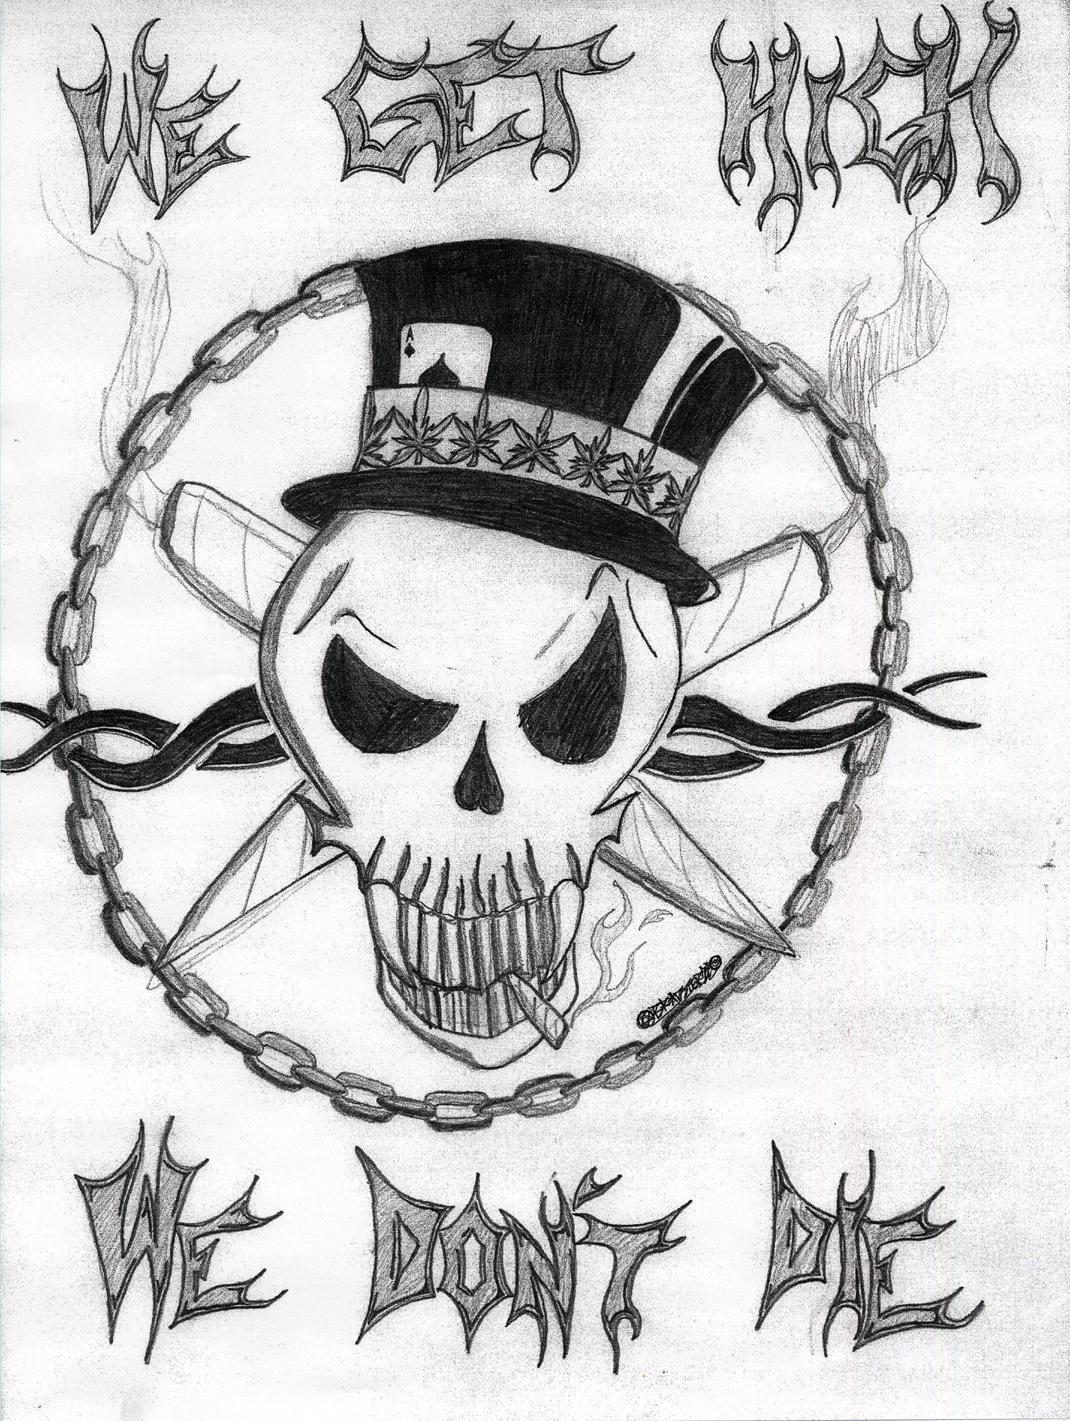 Skullweed